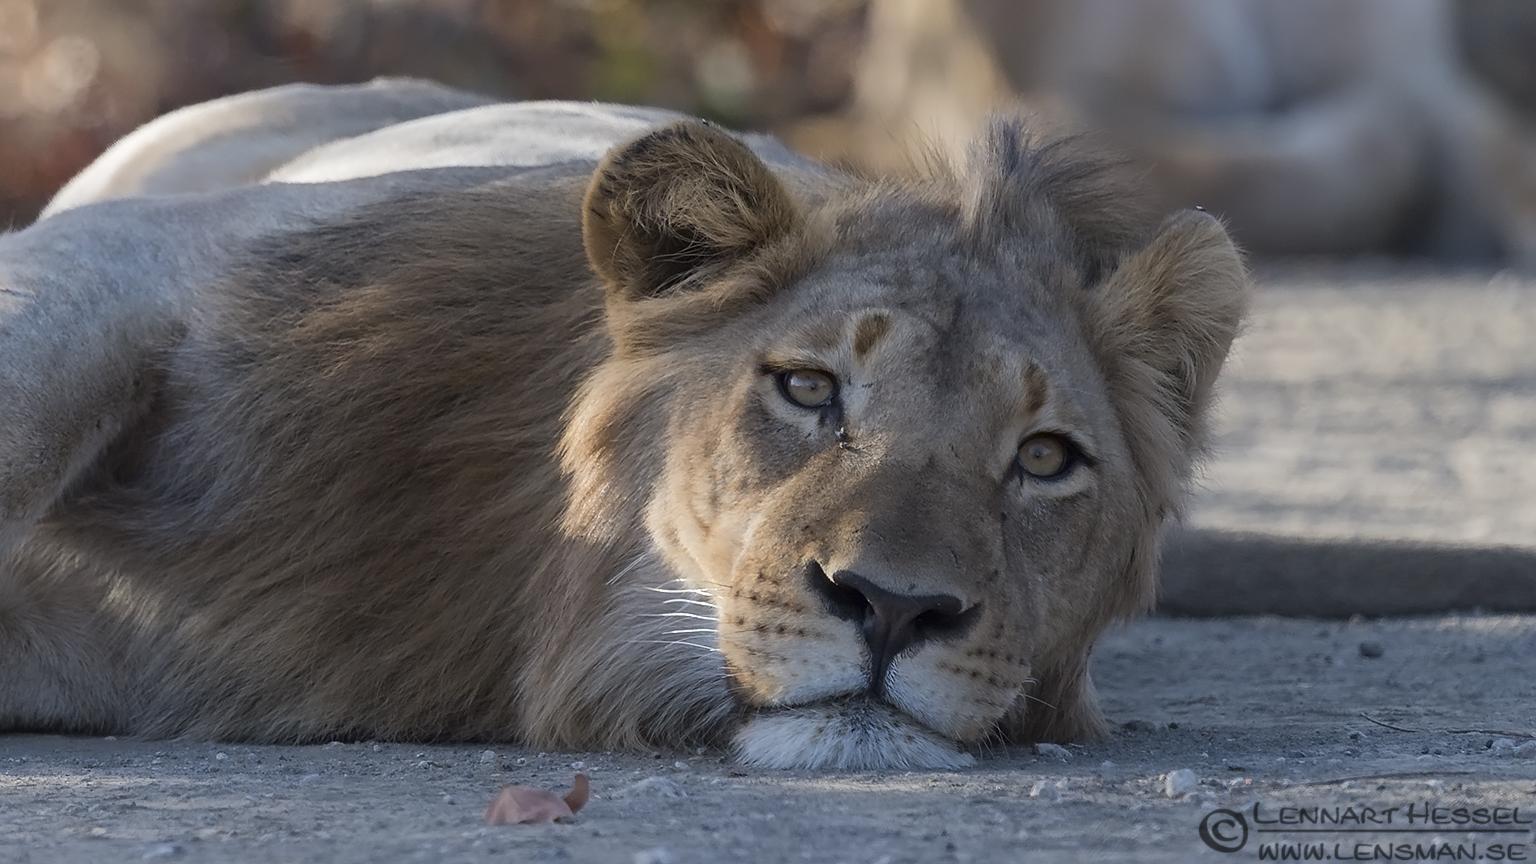 Male Lion Kruger National Park South Africa